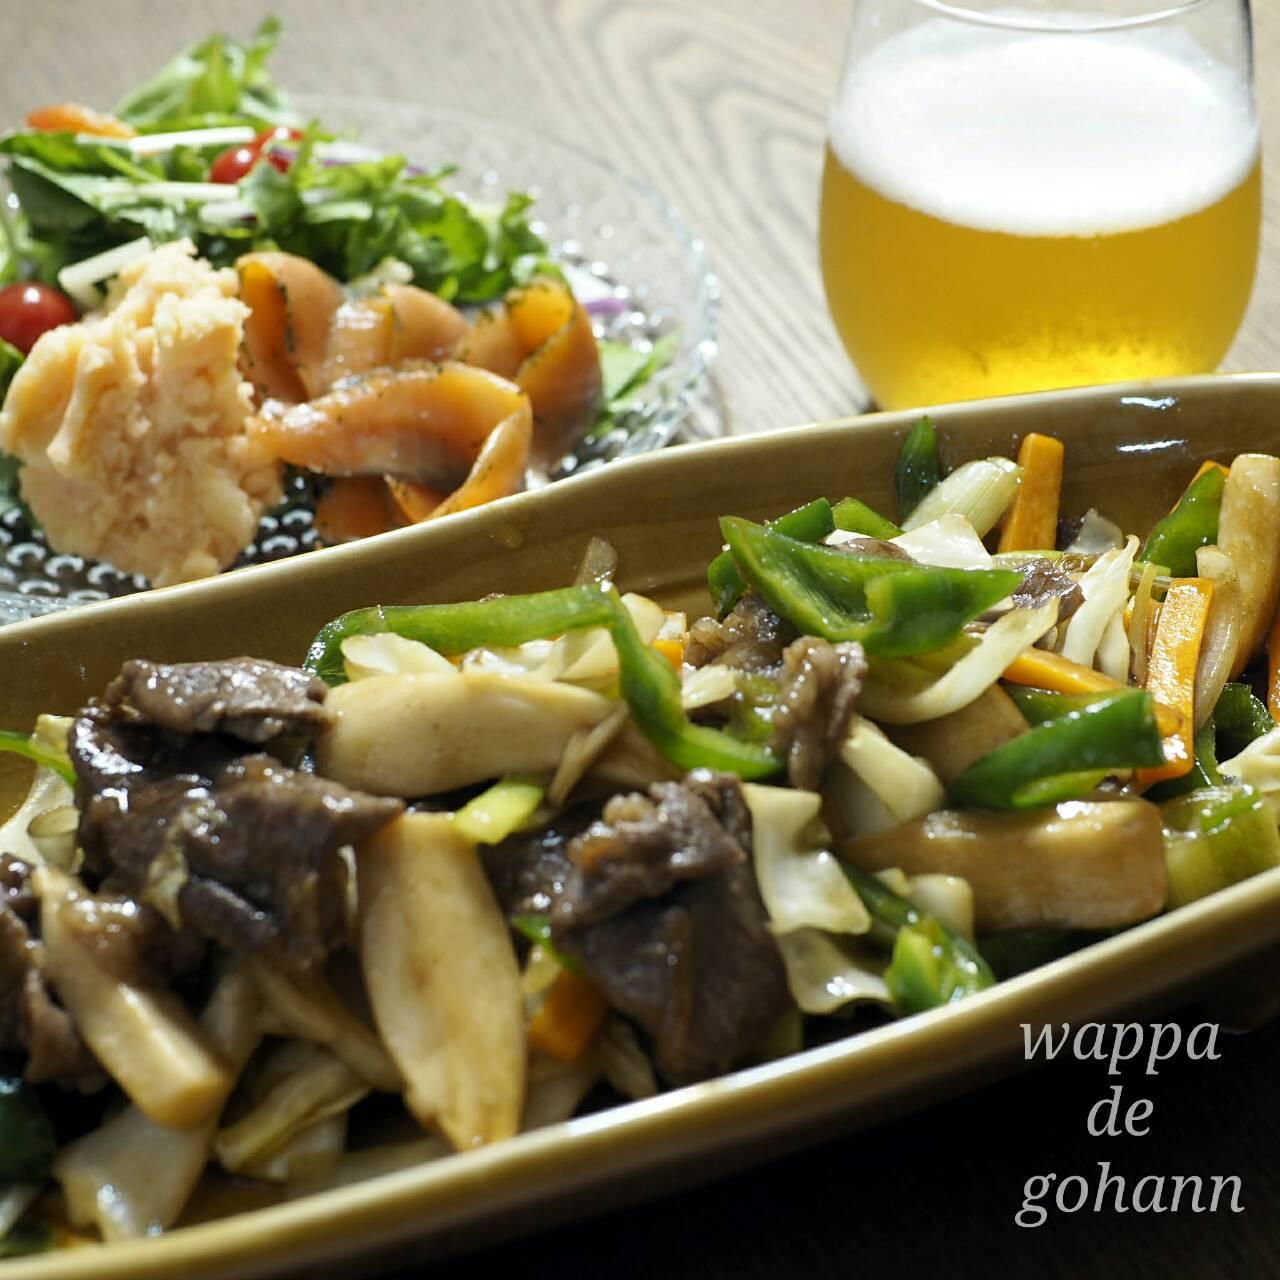 牛肉といろいろ野菜のエスニック炒めの晩ごはん